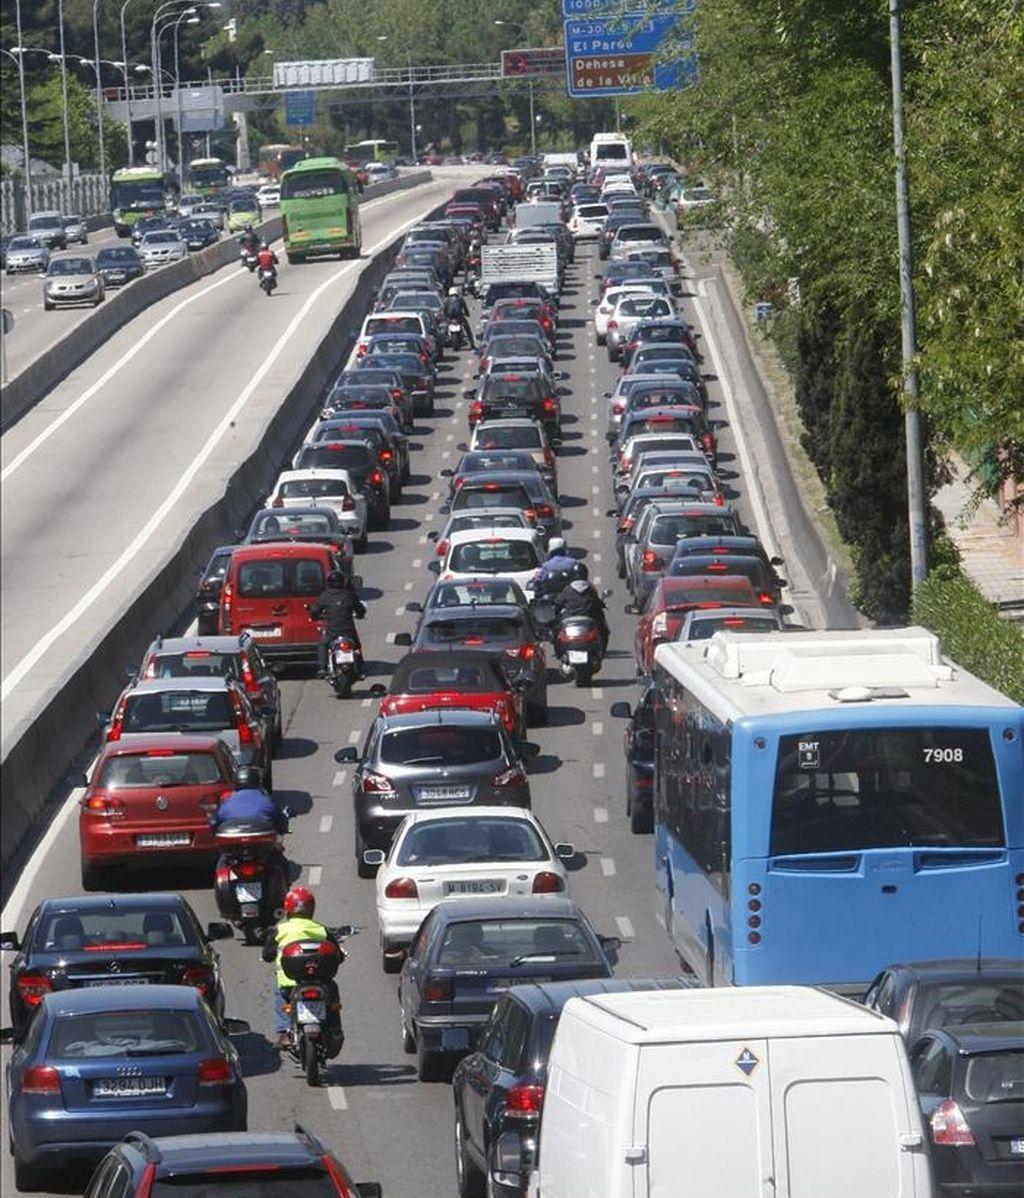 Estado de la circulación en la autovía A-6, dirección salida de Madrid, en una jornada en la que la DGT ha puesto en marcha a las tres de esta tarde a un dispositivo especial para vigilar la circulación en las carreteras durante las vacaciones de Semana Santa, en las que se prevé que se produzcan unos 14,4 millones de desplazamientos desde hoy y hasta el lunes día 25. EFE